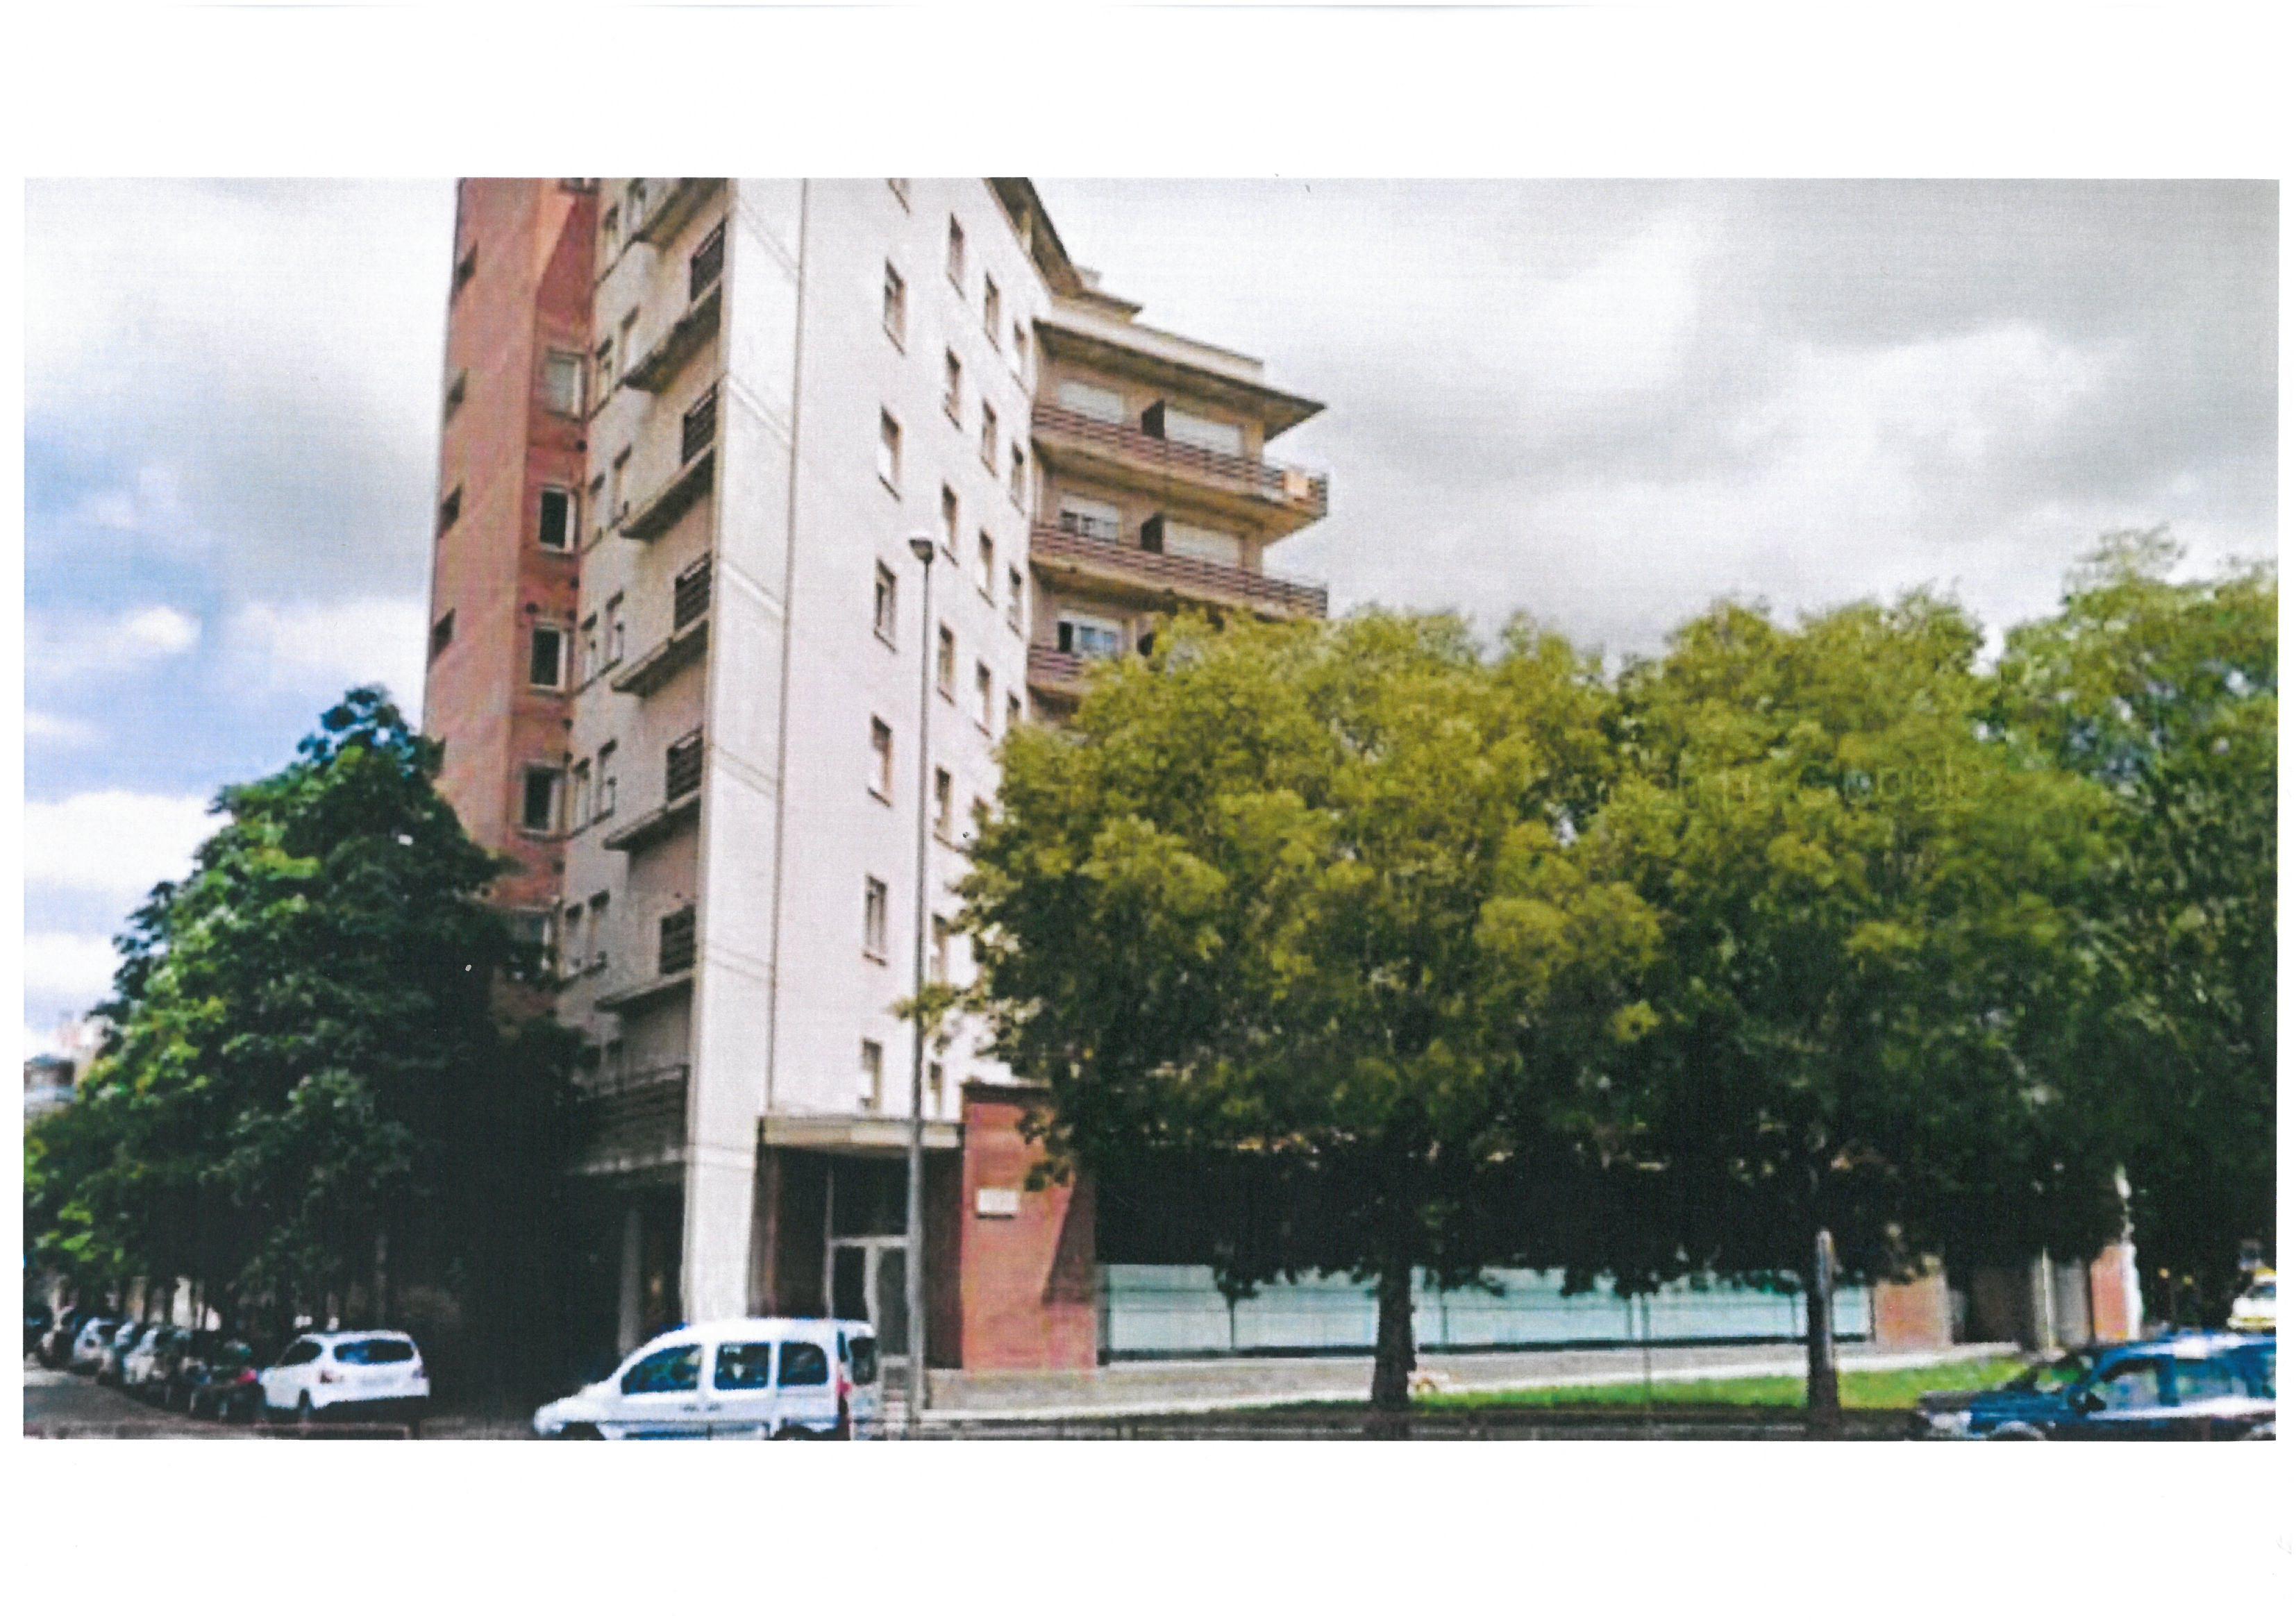 Local de Lloguer ubicat al c/ Riu Güell cantonada c/ Avda. President Josep Tarradellas i Joan cantonada c/ Bernat Boadas 92